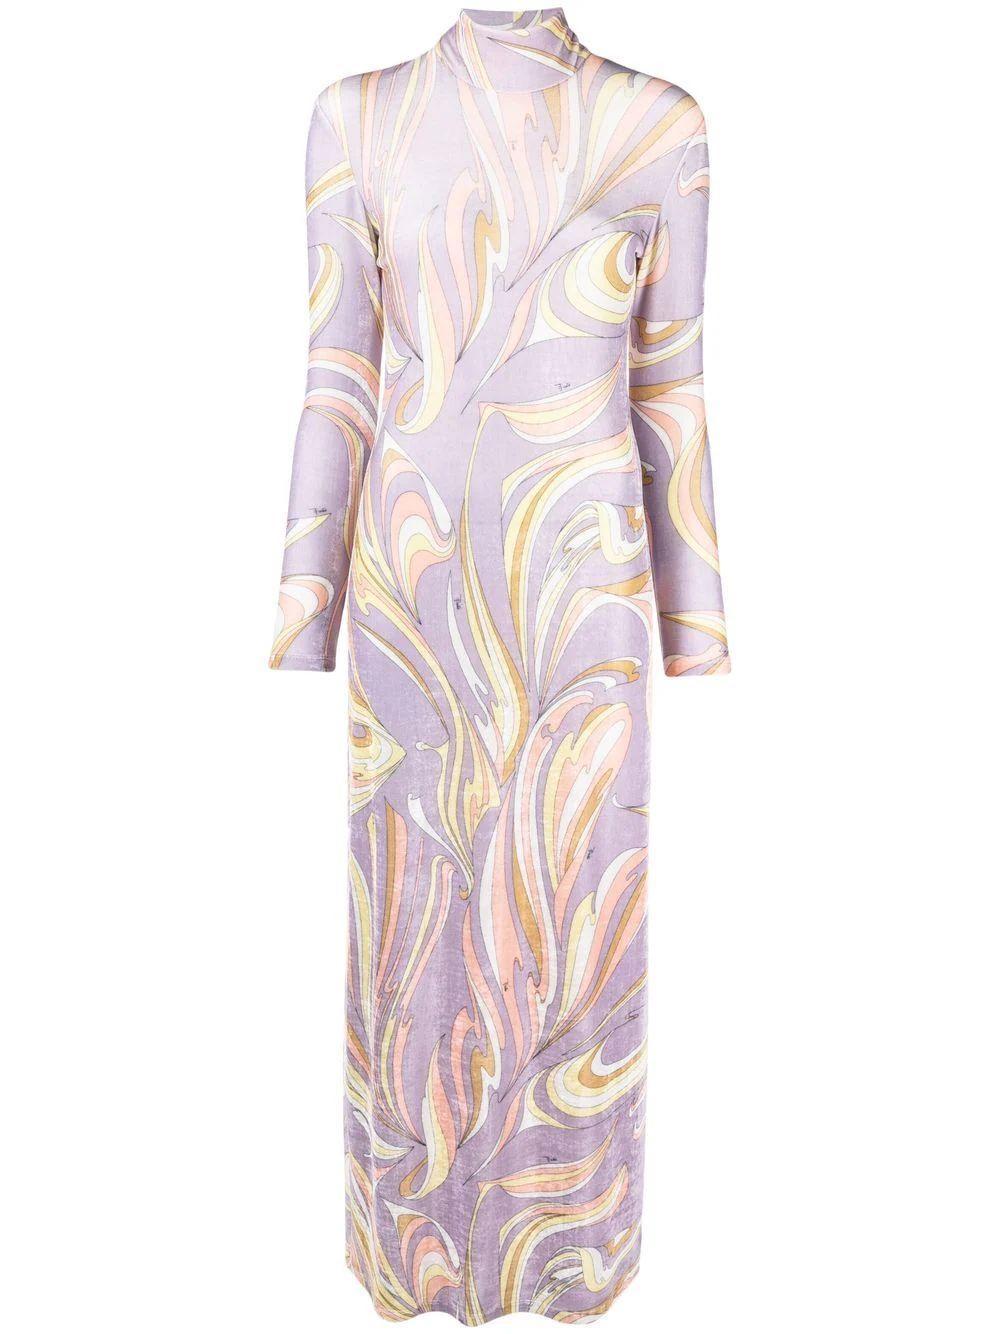 Printed Long Sleeve Maxi Dress Item # 1RJI35-1R846